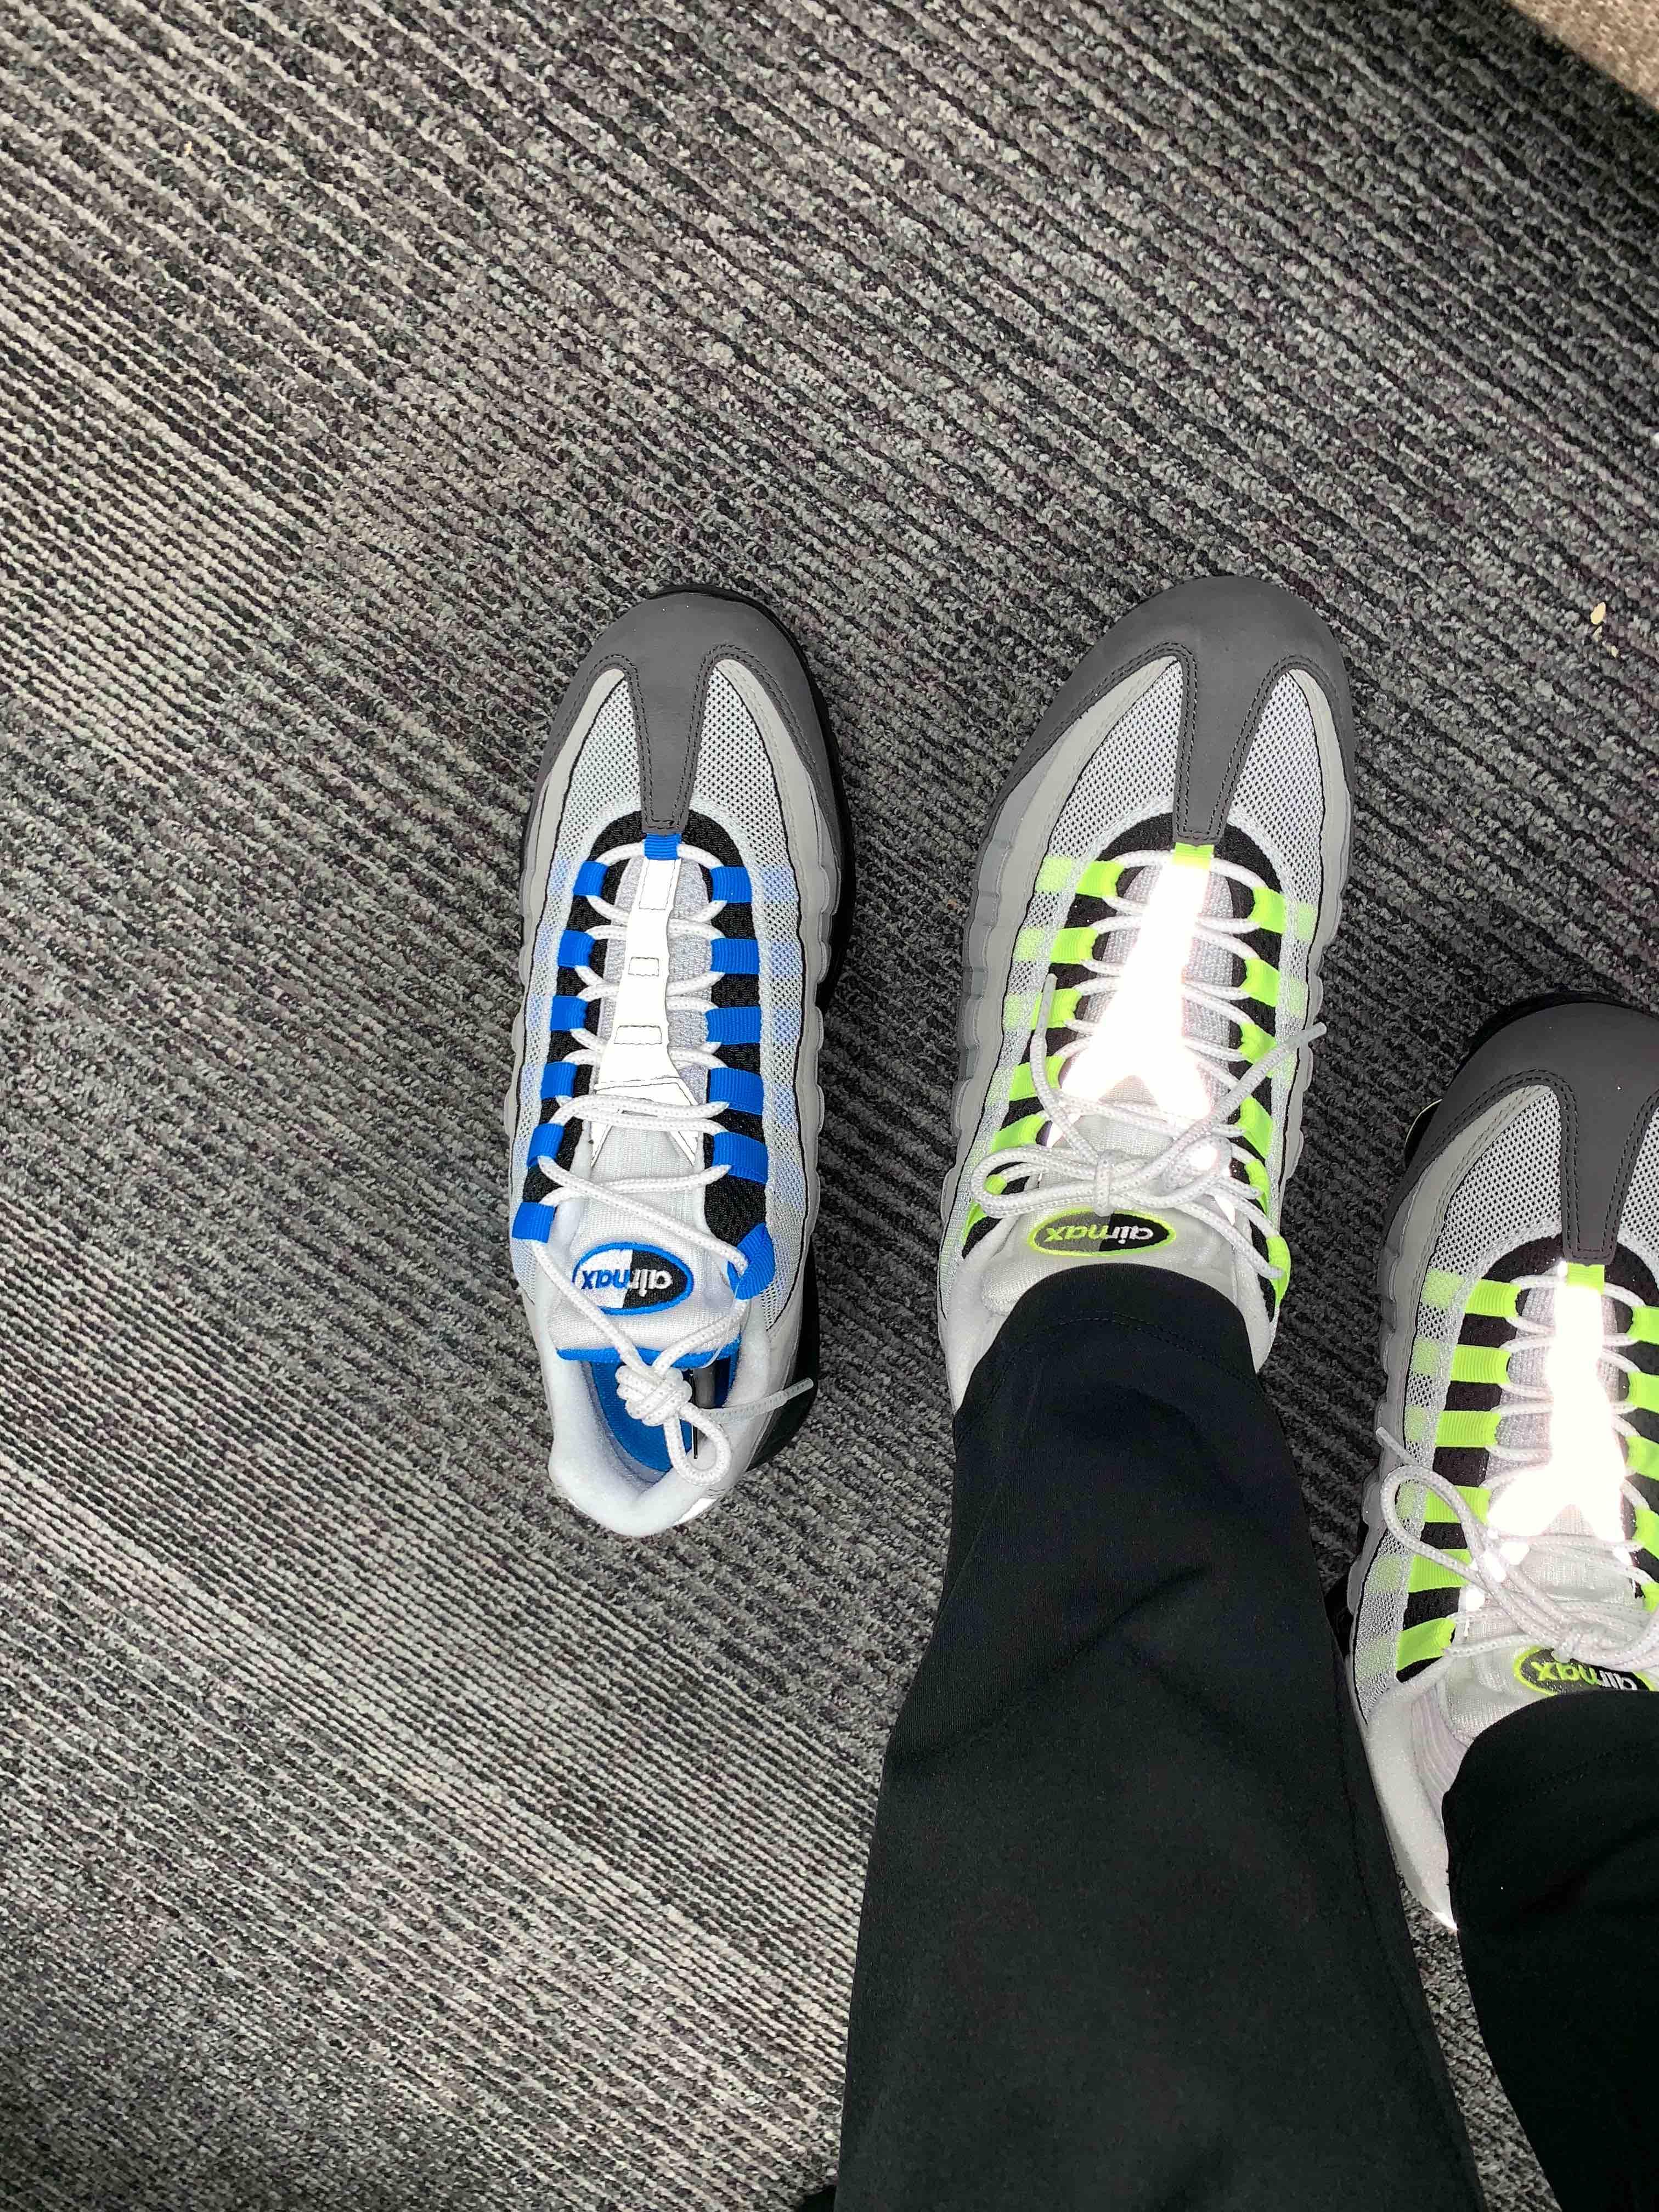 95履いて95買いに行きました笑 #nike #snkrdunk #airma